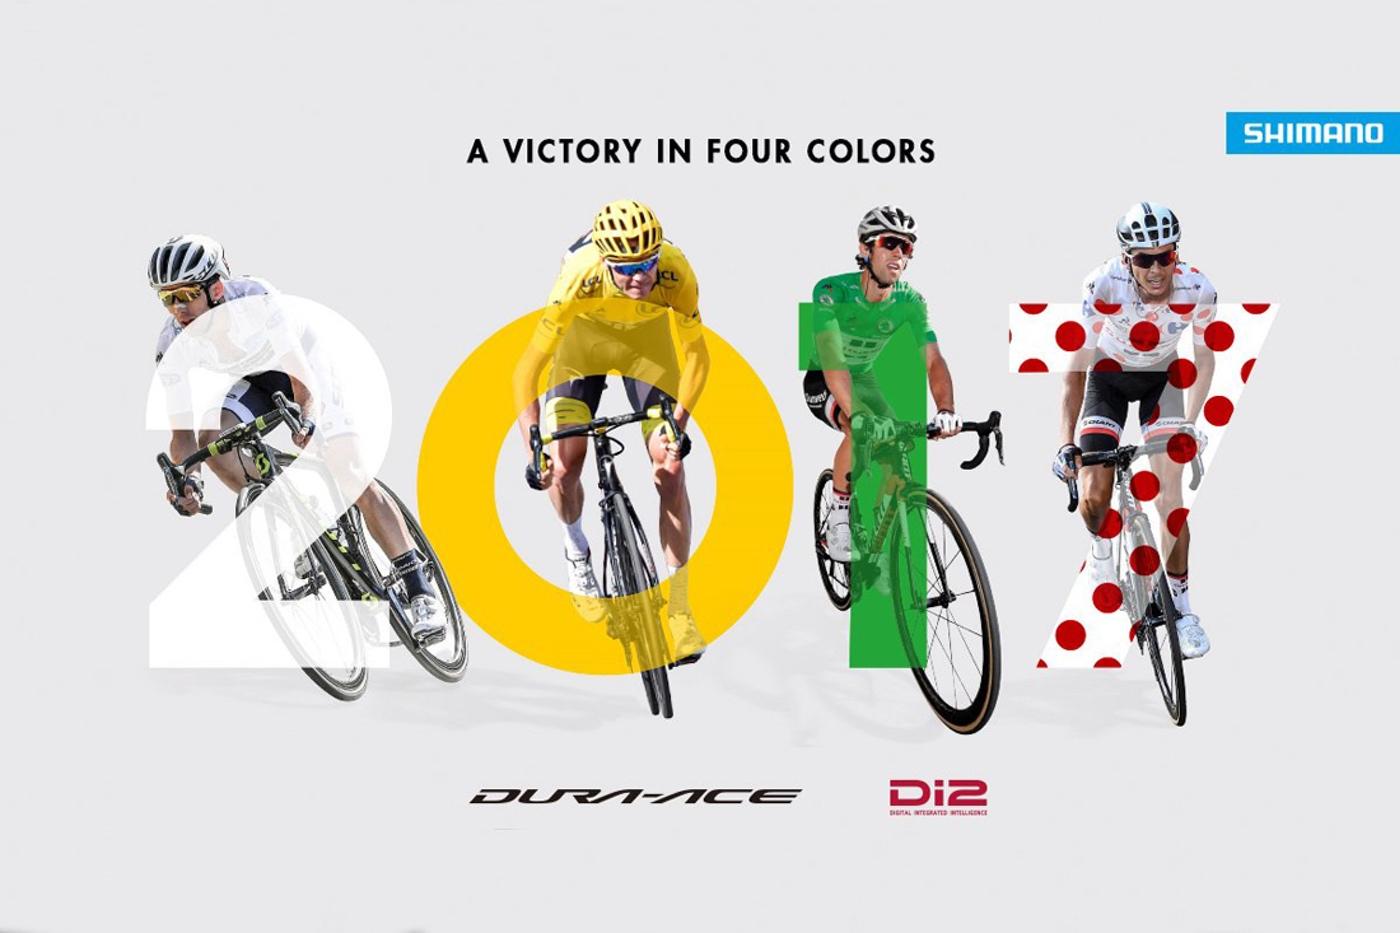 Los 4 vencedores del Tour llevaban el nuevo Shimano Dura-Ace Di2